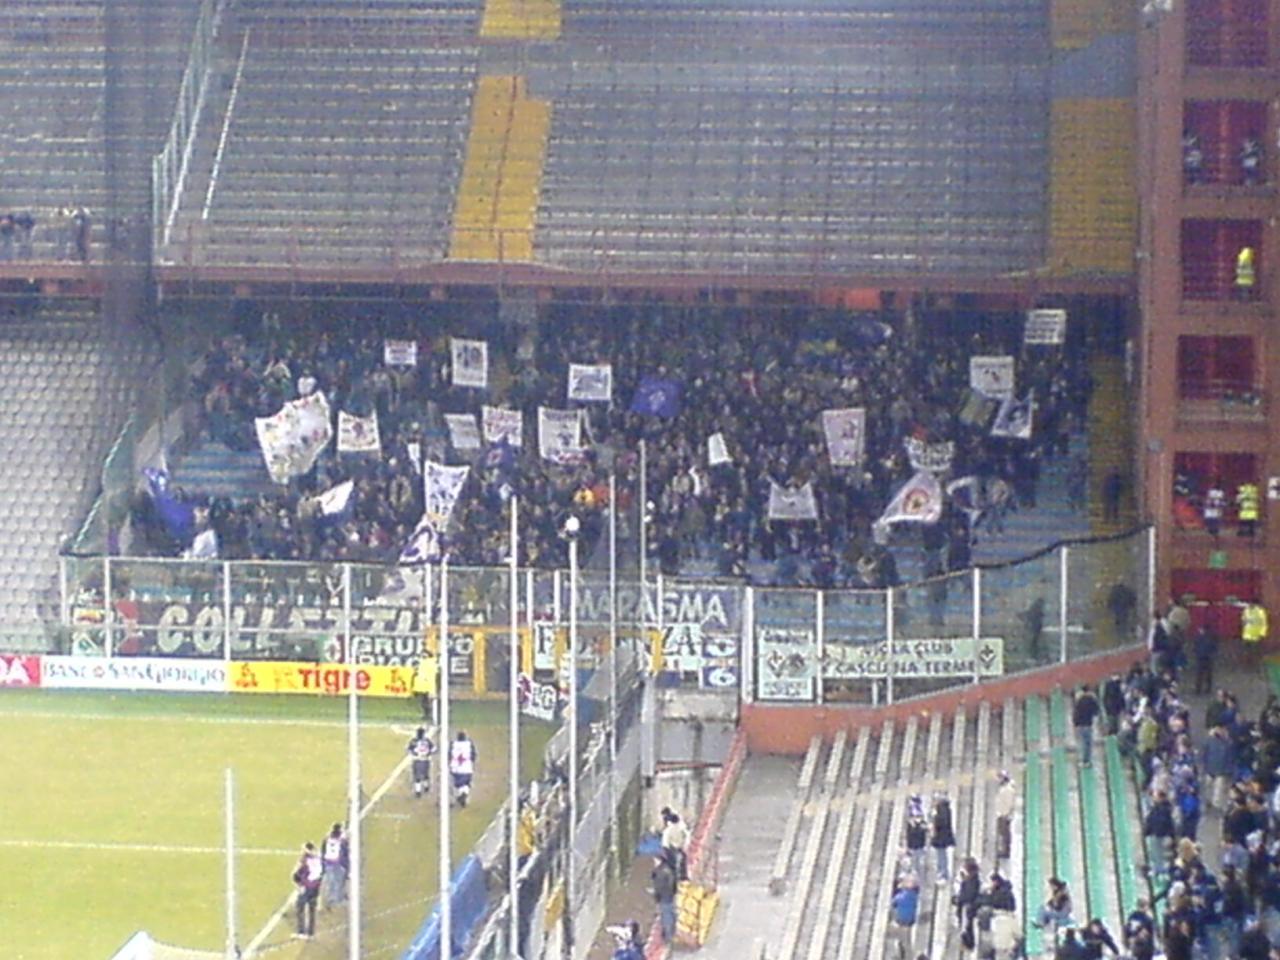 Samp - Fiorentina Away Fans